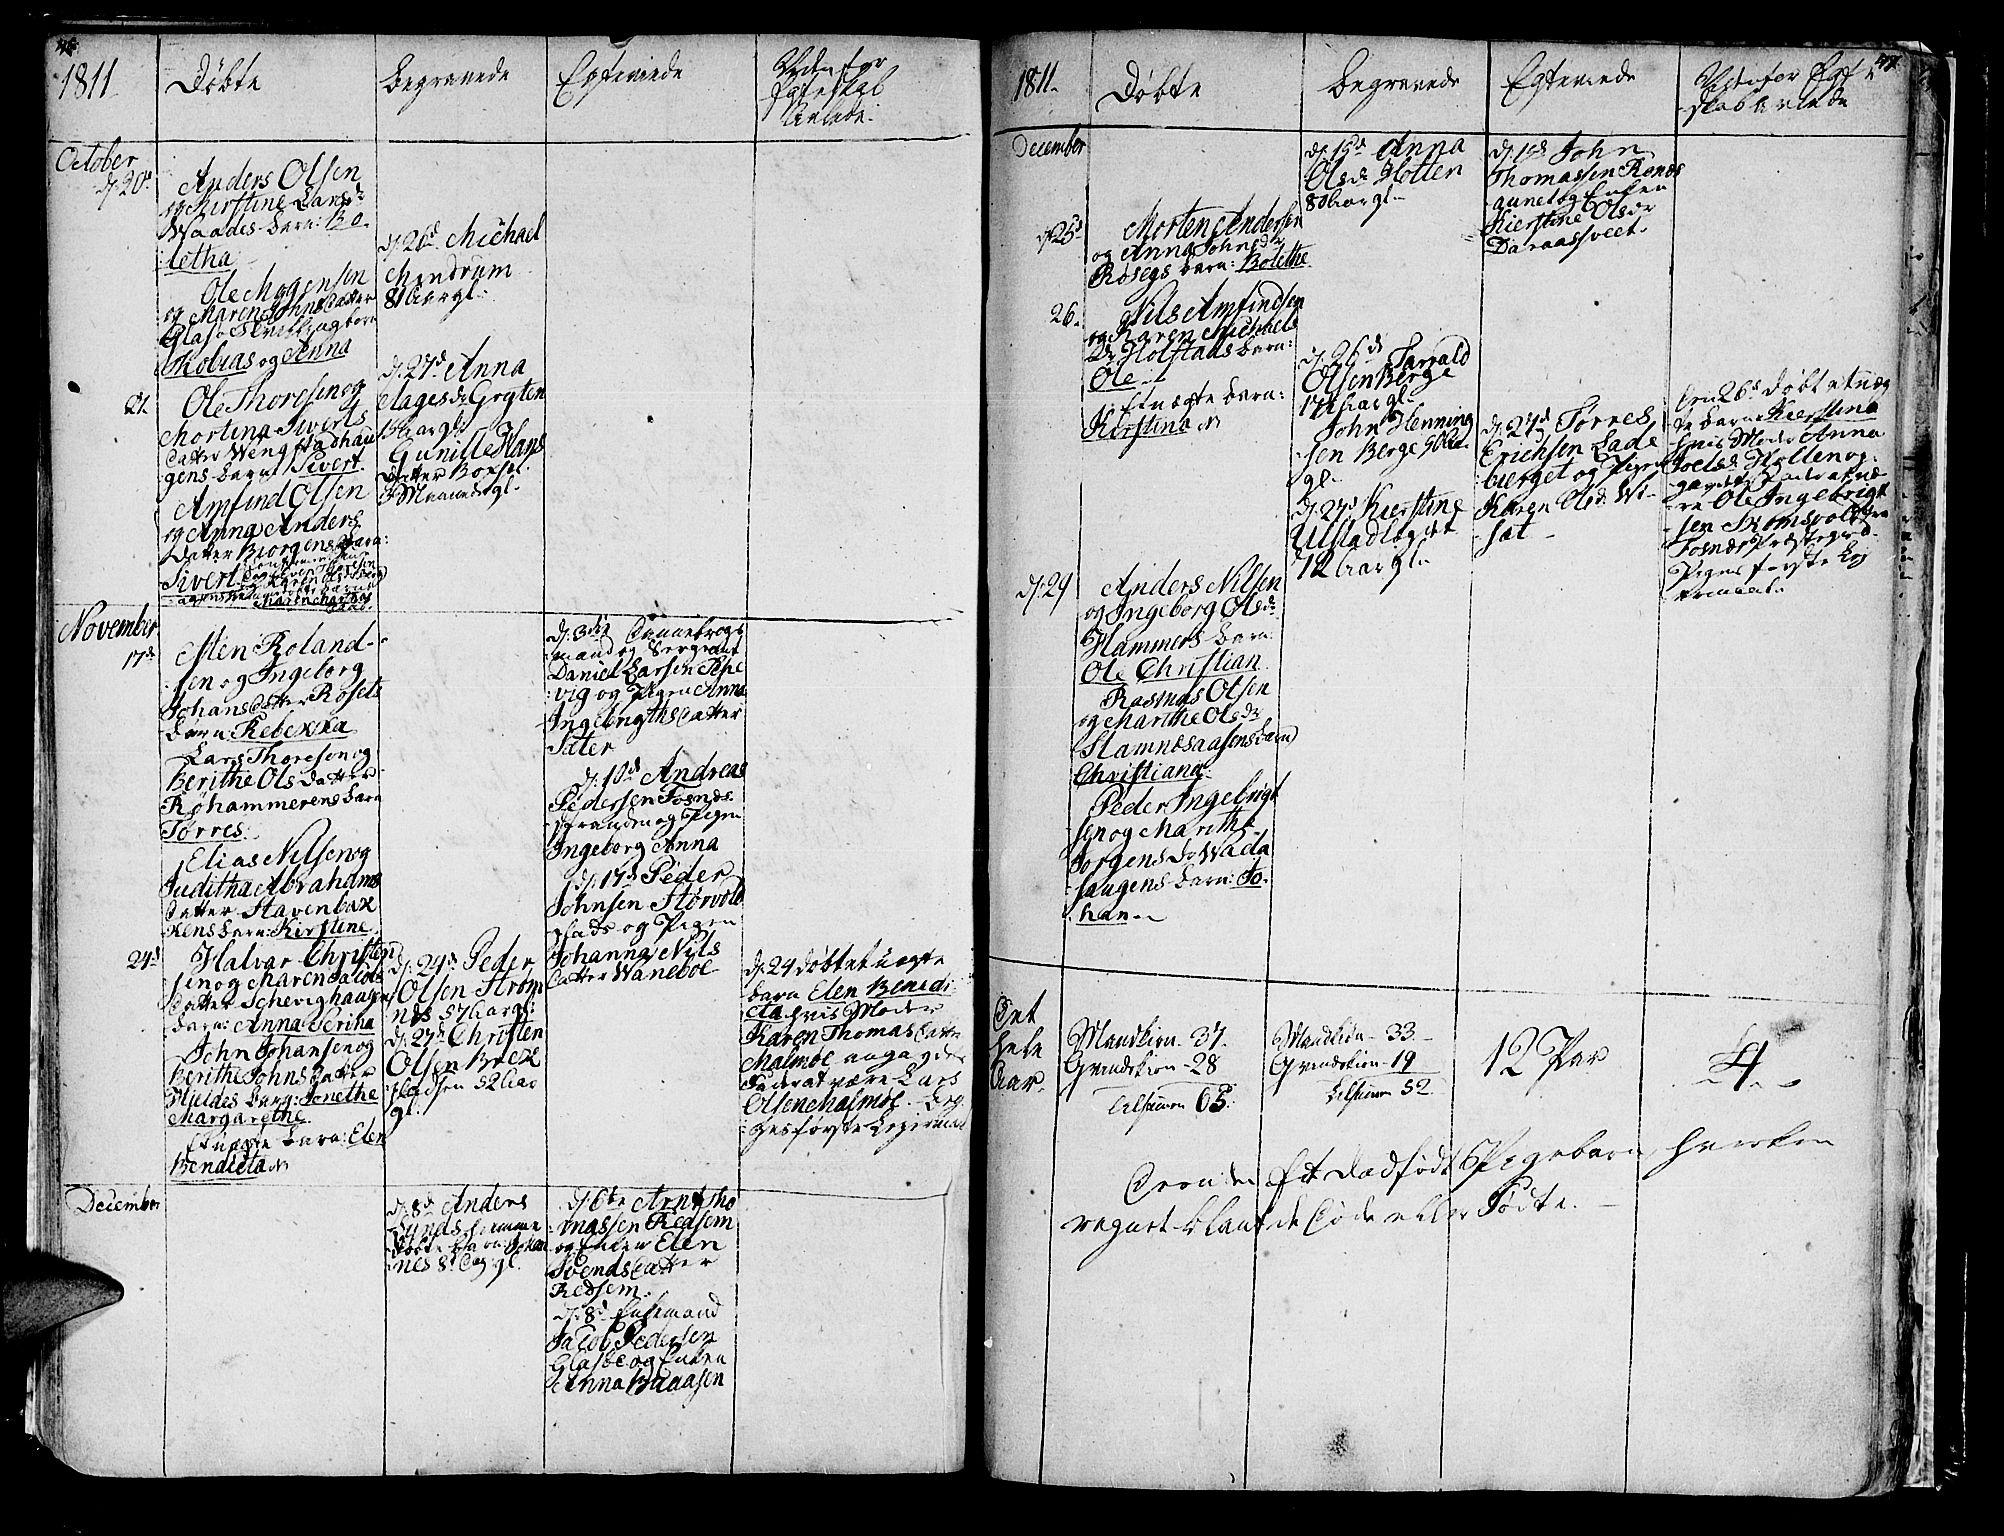 SAT, Ministerialprotokoller, klokkerbøker og fødselsregistre - Nord-Trøndelag, 741/L0386: Ministerialbok nr. 741A02, 1804-1816, s. 46-47